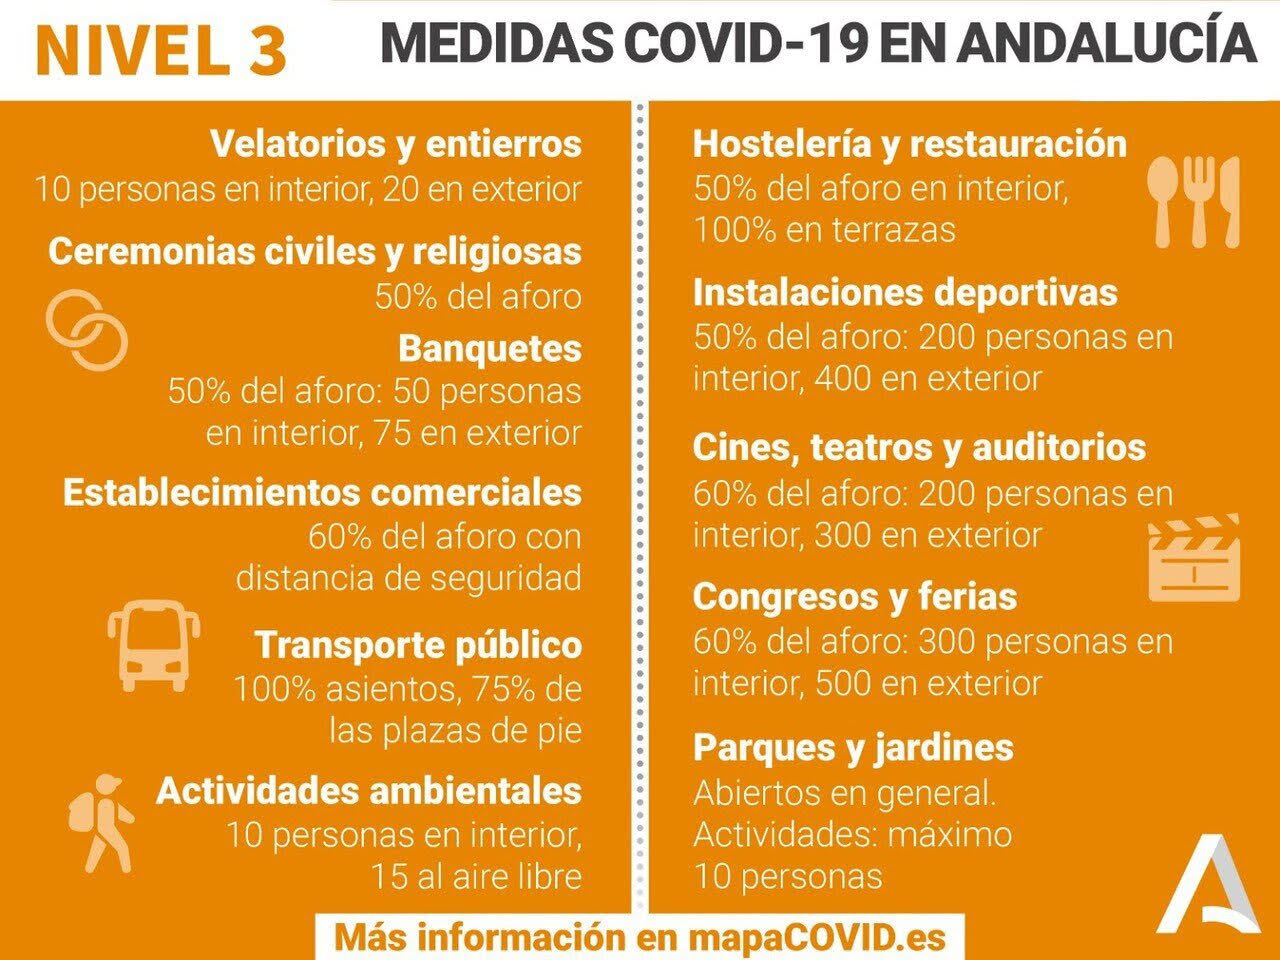 11-a-25-enero-2021-nivel-3-andalucia-medidas-covid